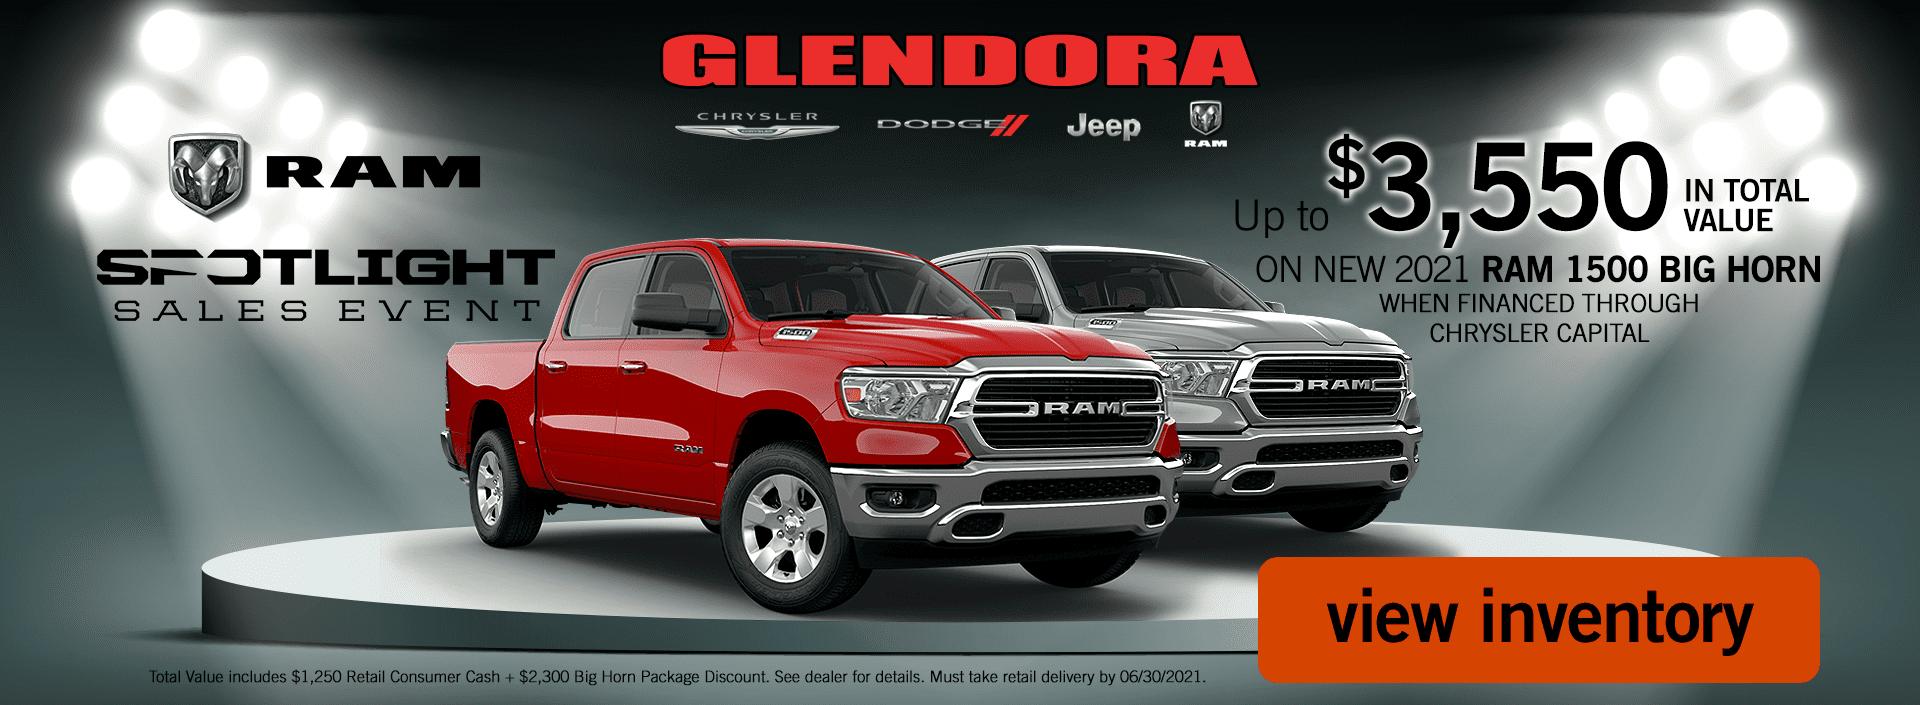 Glendora_CDJR_2021_June_Ram_Spotlight_Sales_Event_Ram_1500_Deal